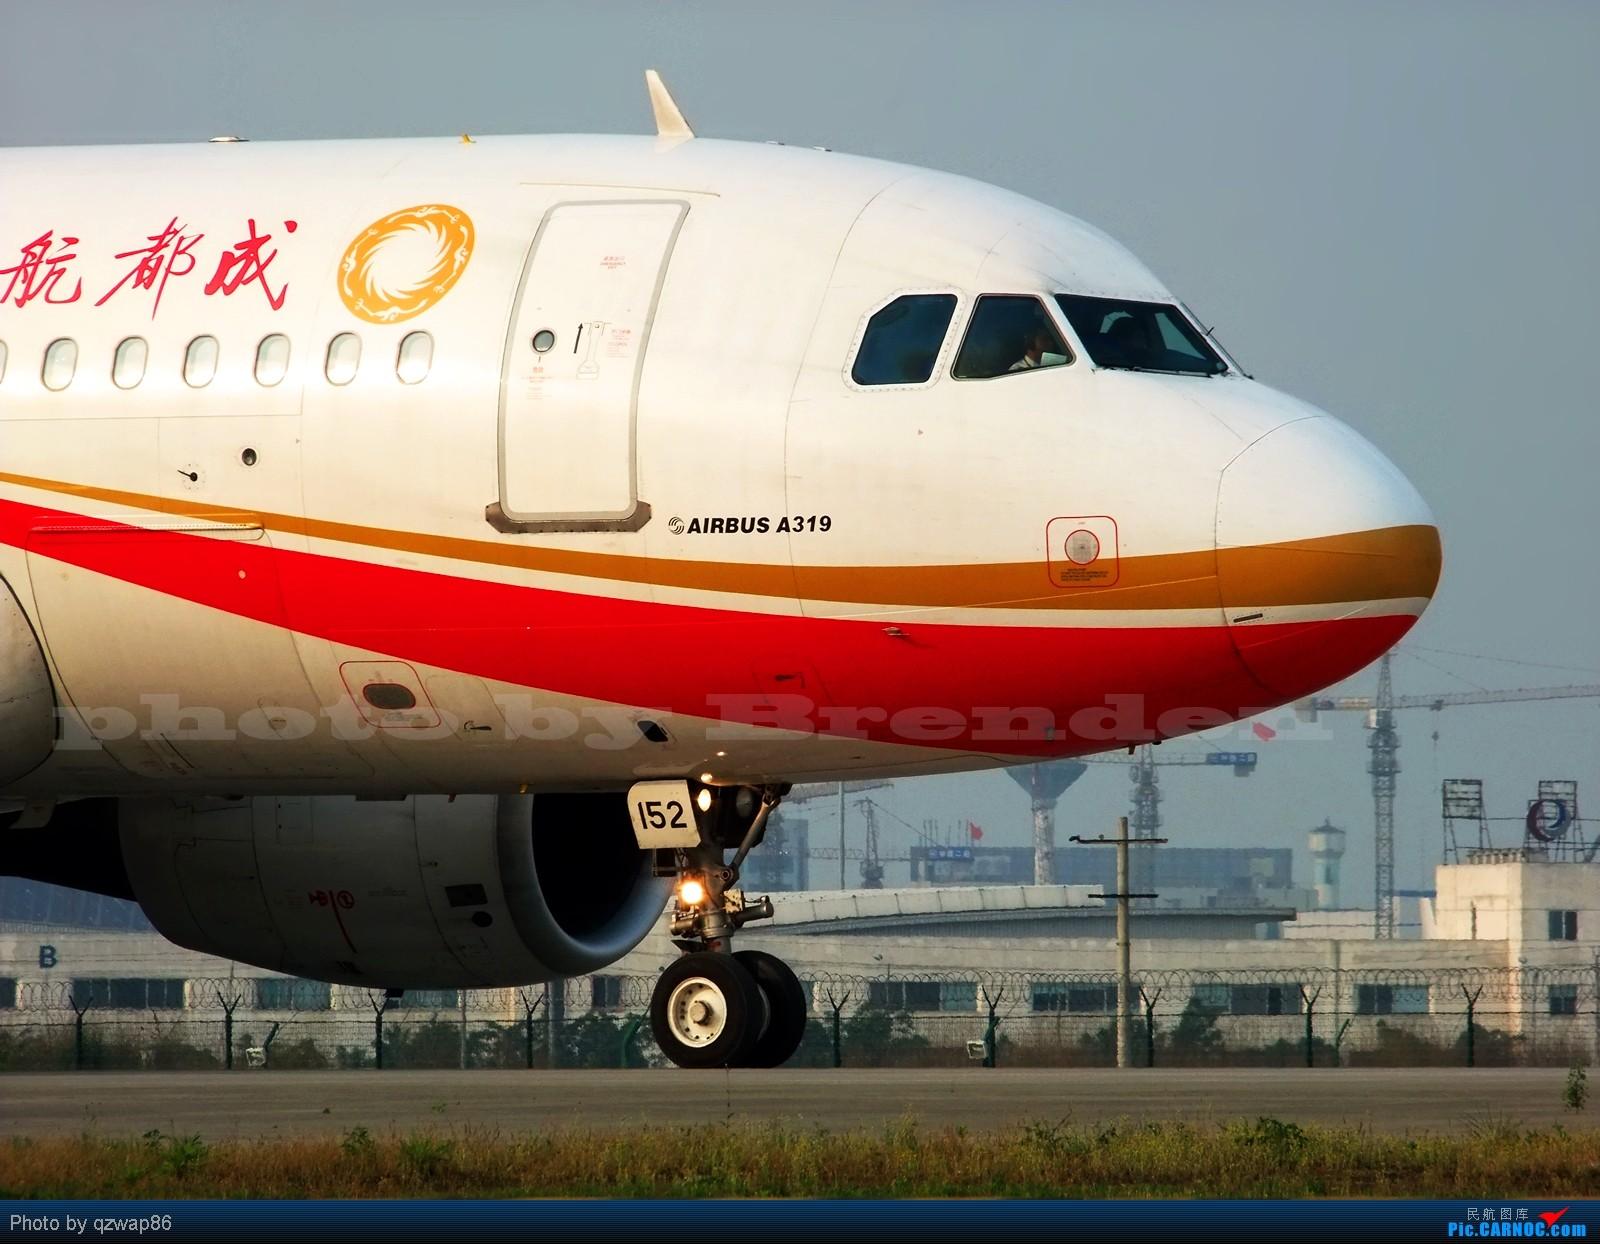 [原创]【CCFA成都空港缘分】伤离别,写在B-6152退租时 AIRBUS A319 B-6152 成都双流国际机场